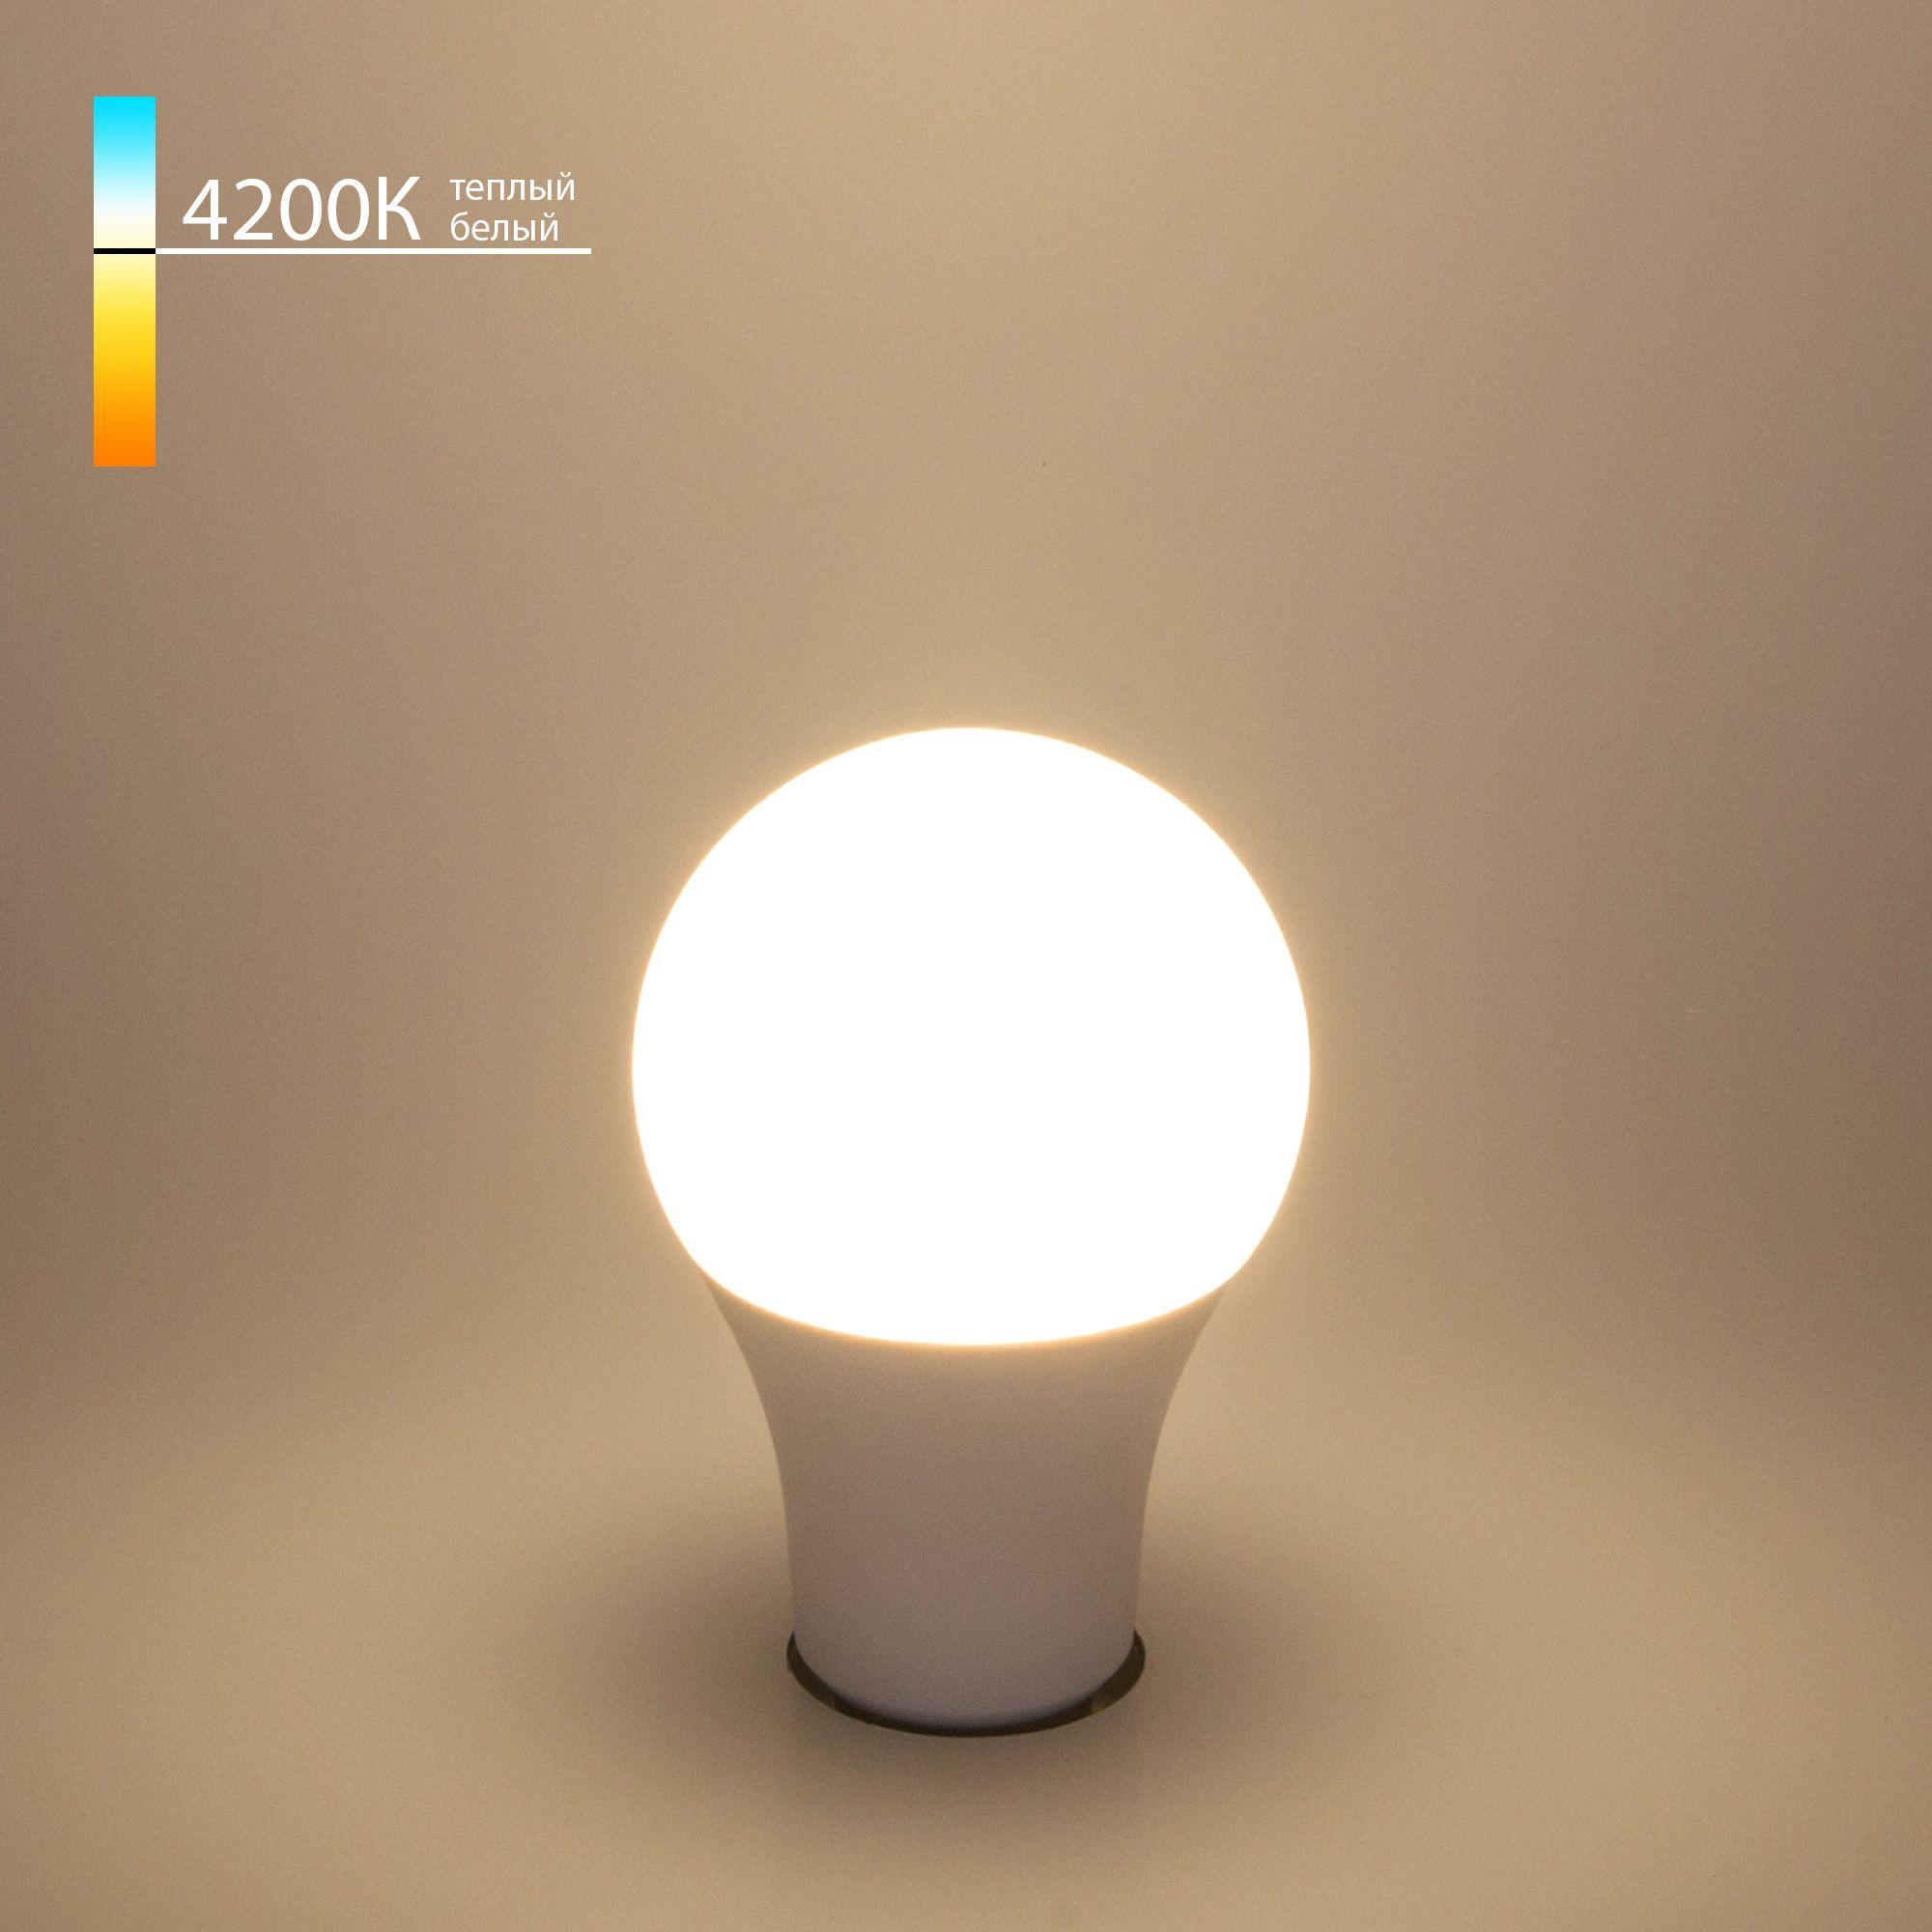 Светодиодная лампа Classic LED D 15W 4200K E27